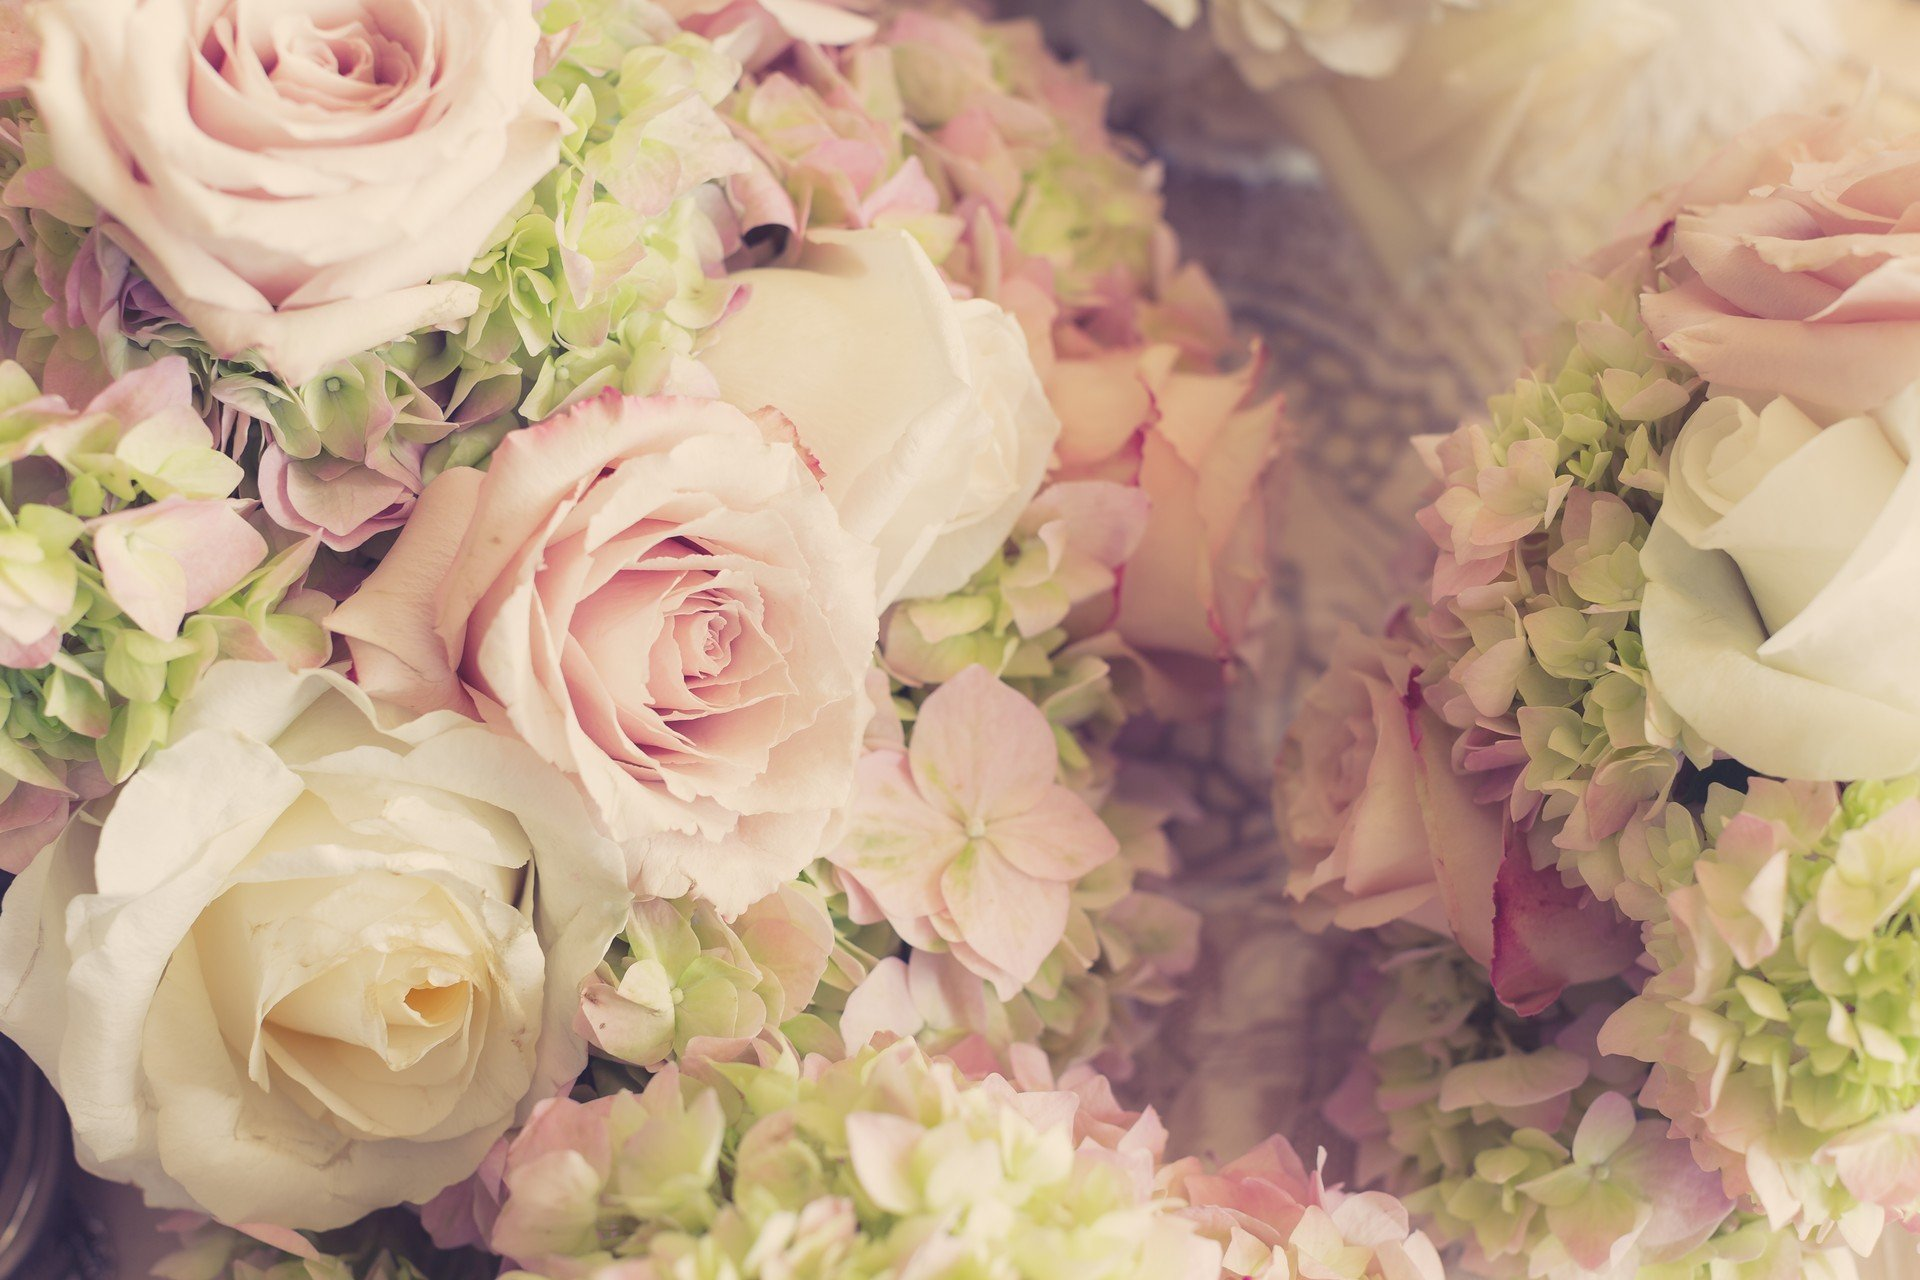 нежно-кремовые свадебные розы  № 1322983 загрузить